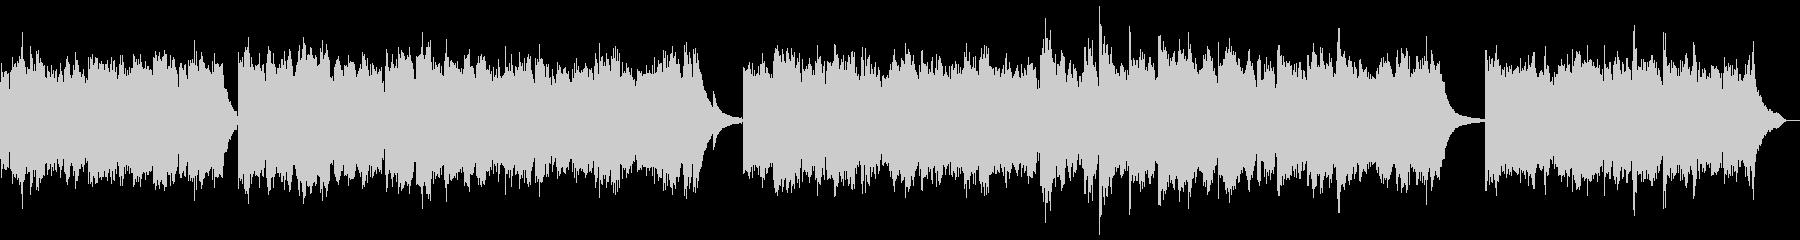 キラキラ優しいピアノと弦:高音弦楽器なしの未再生の波形